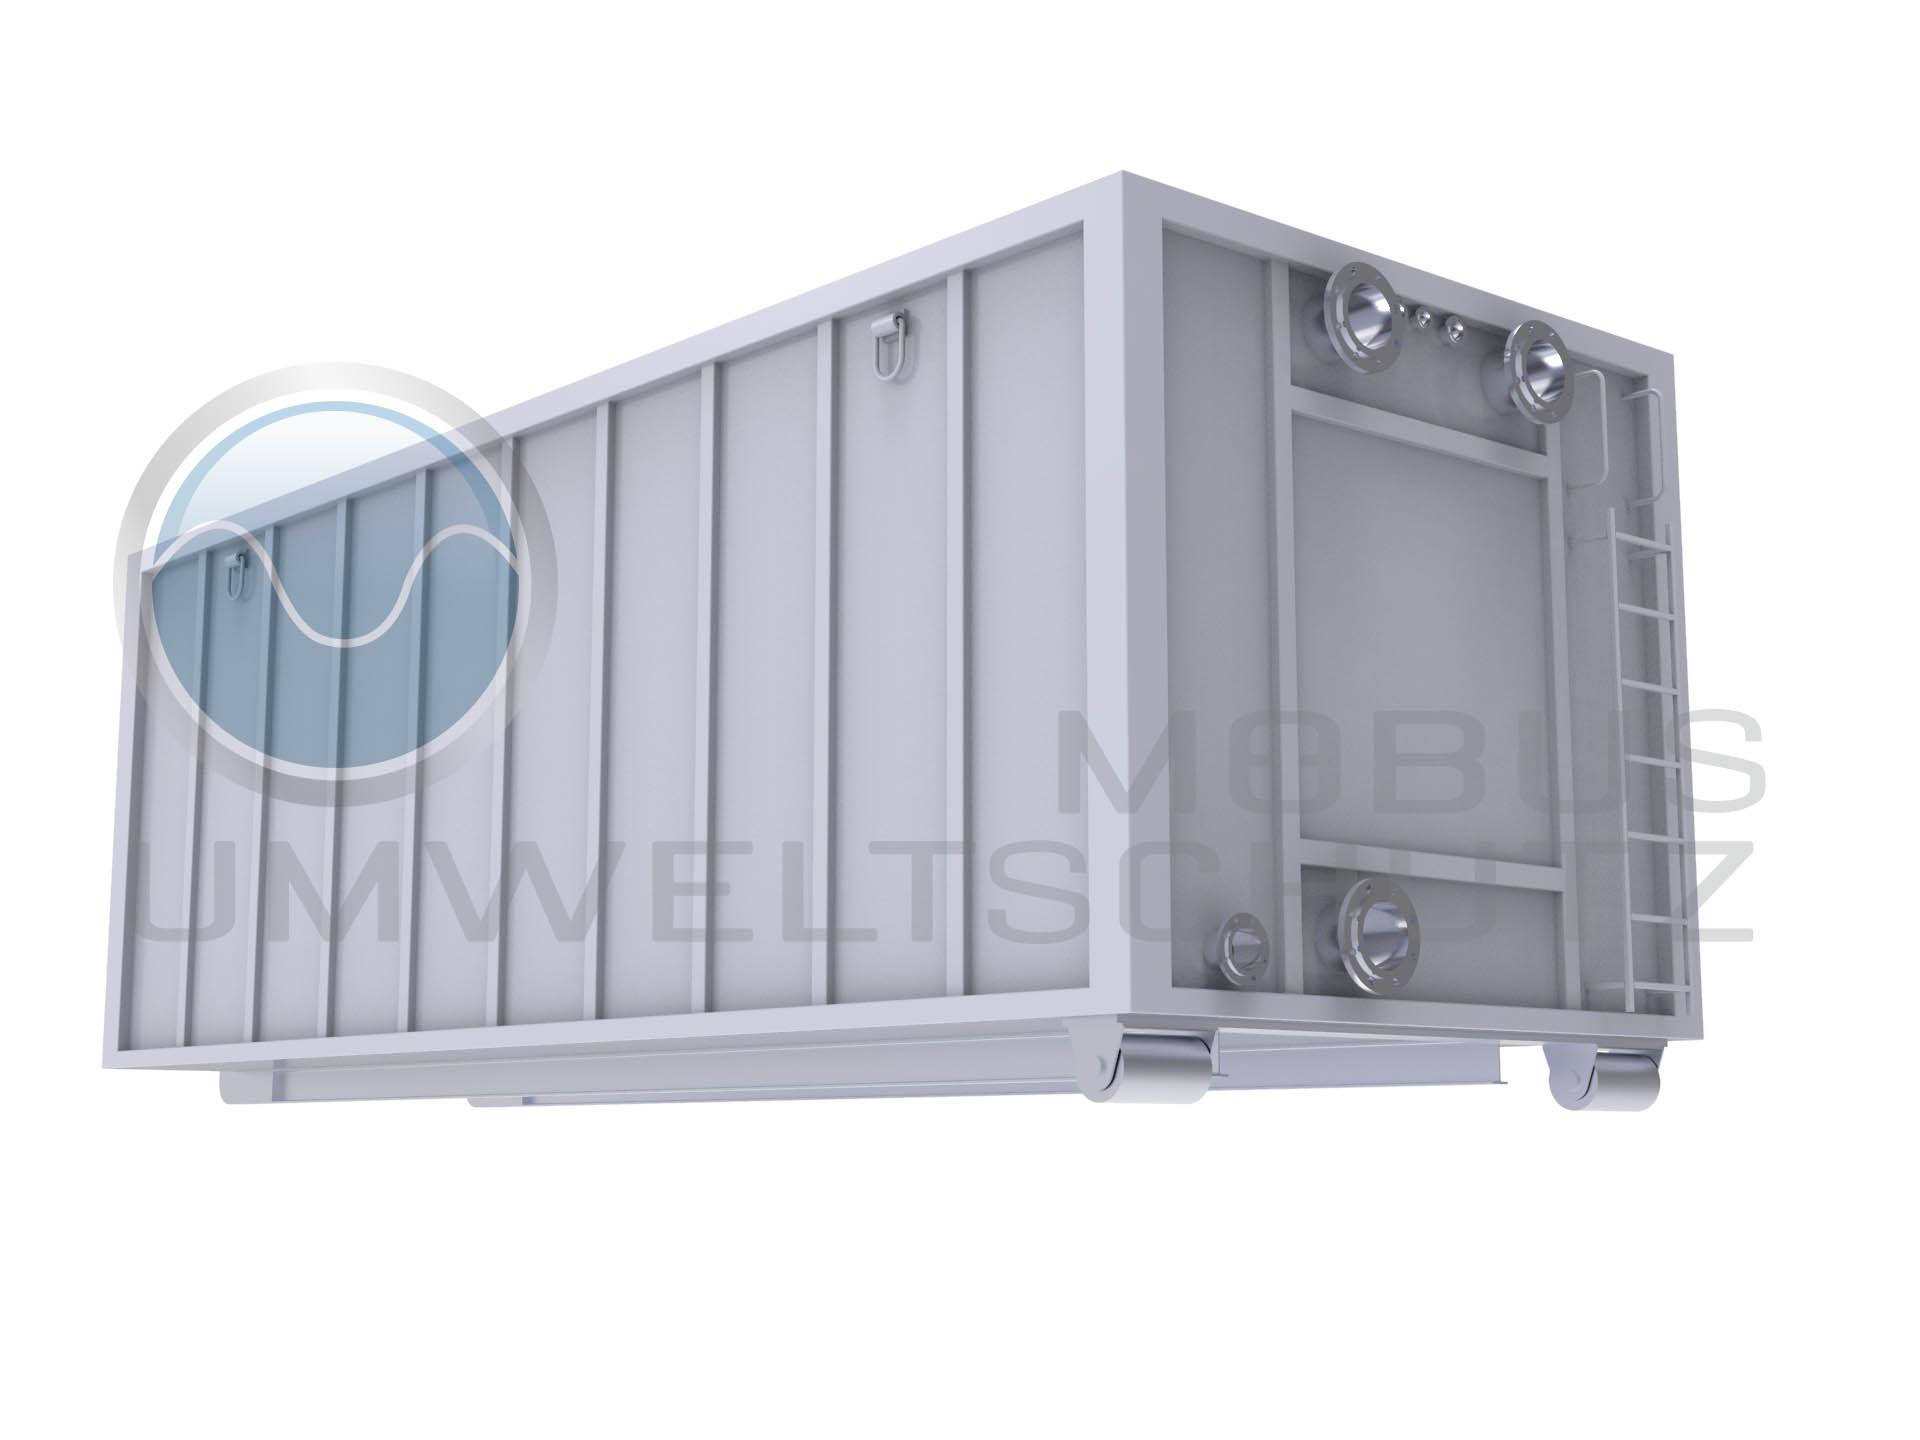 Absetzbecken als Abrollcontainer nach DIN 30722